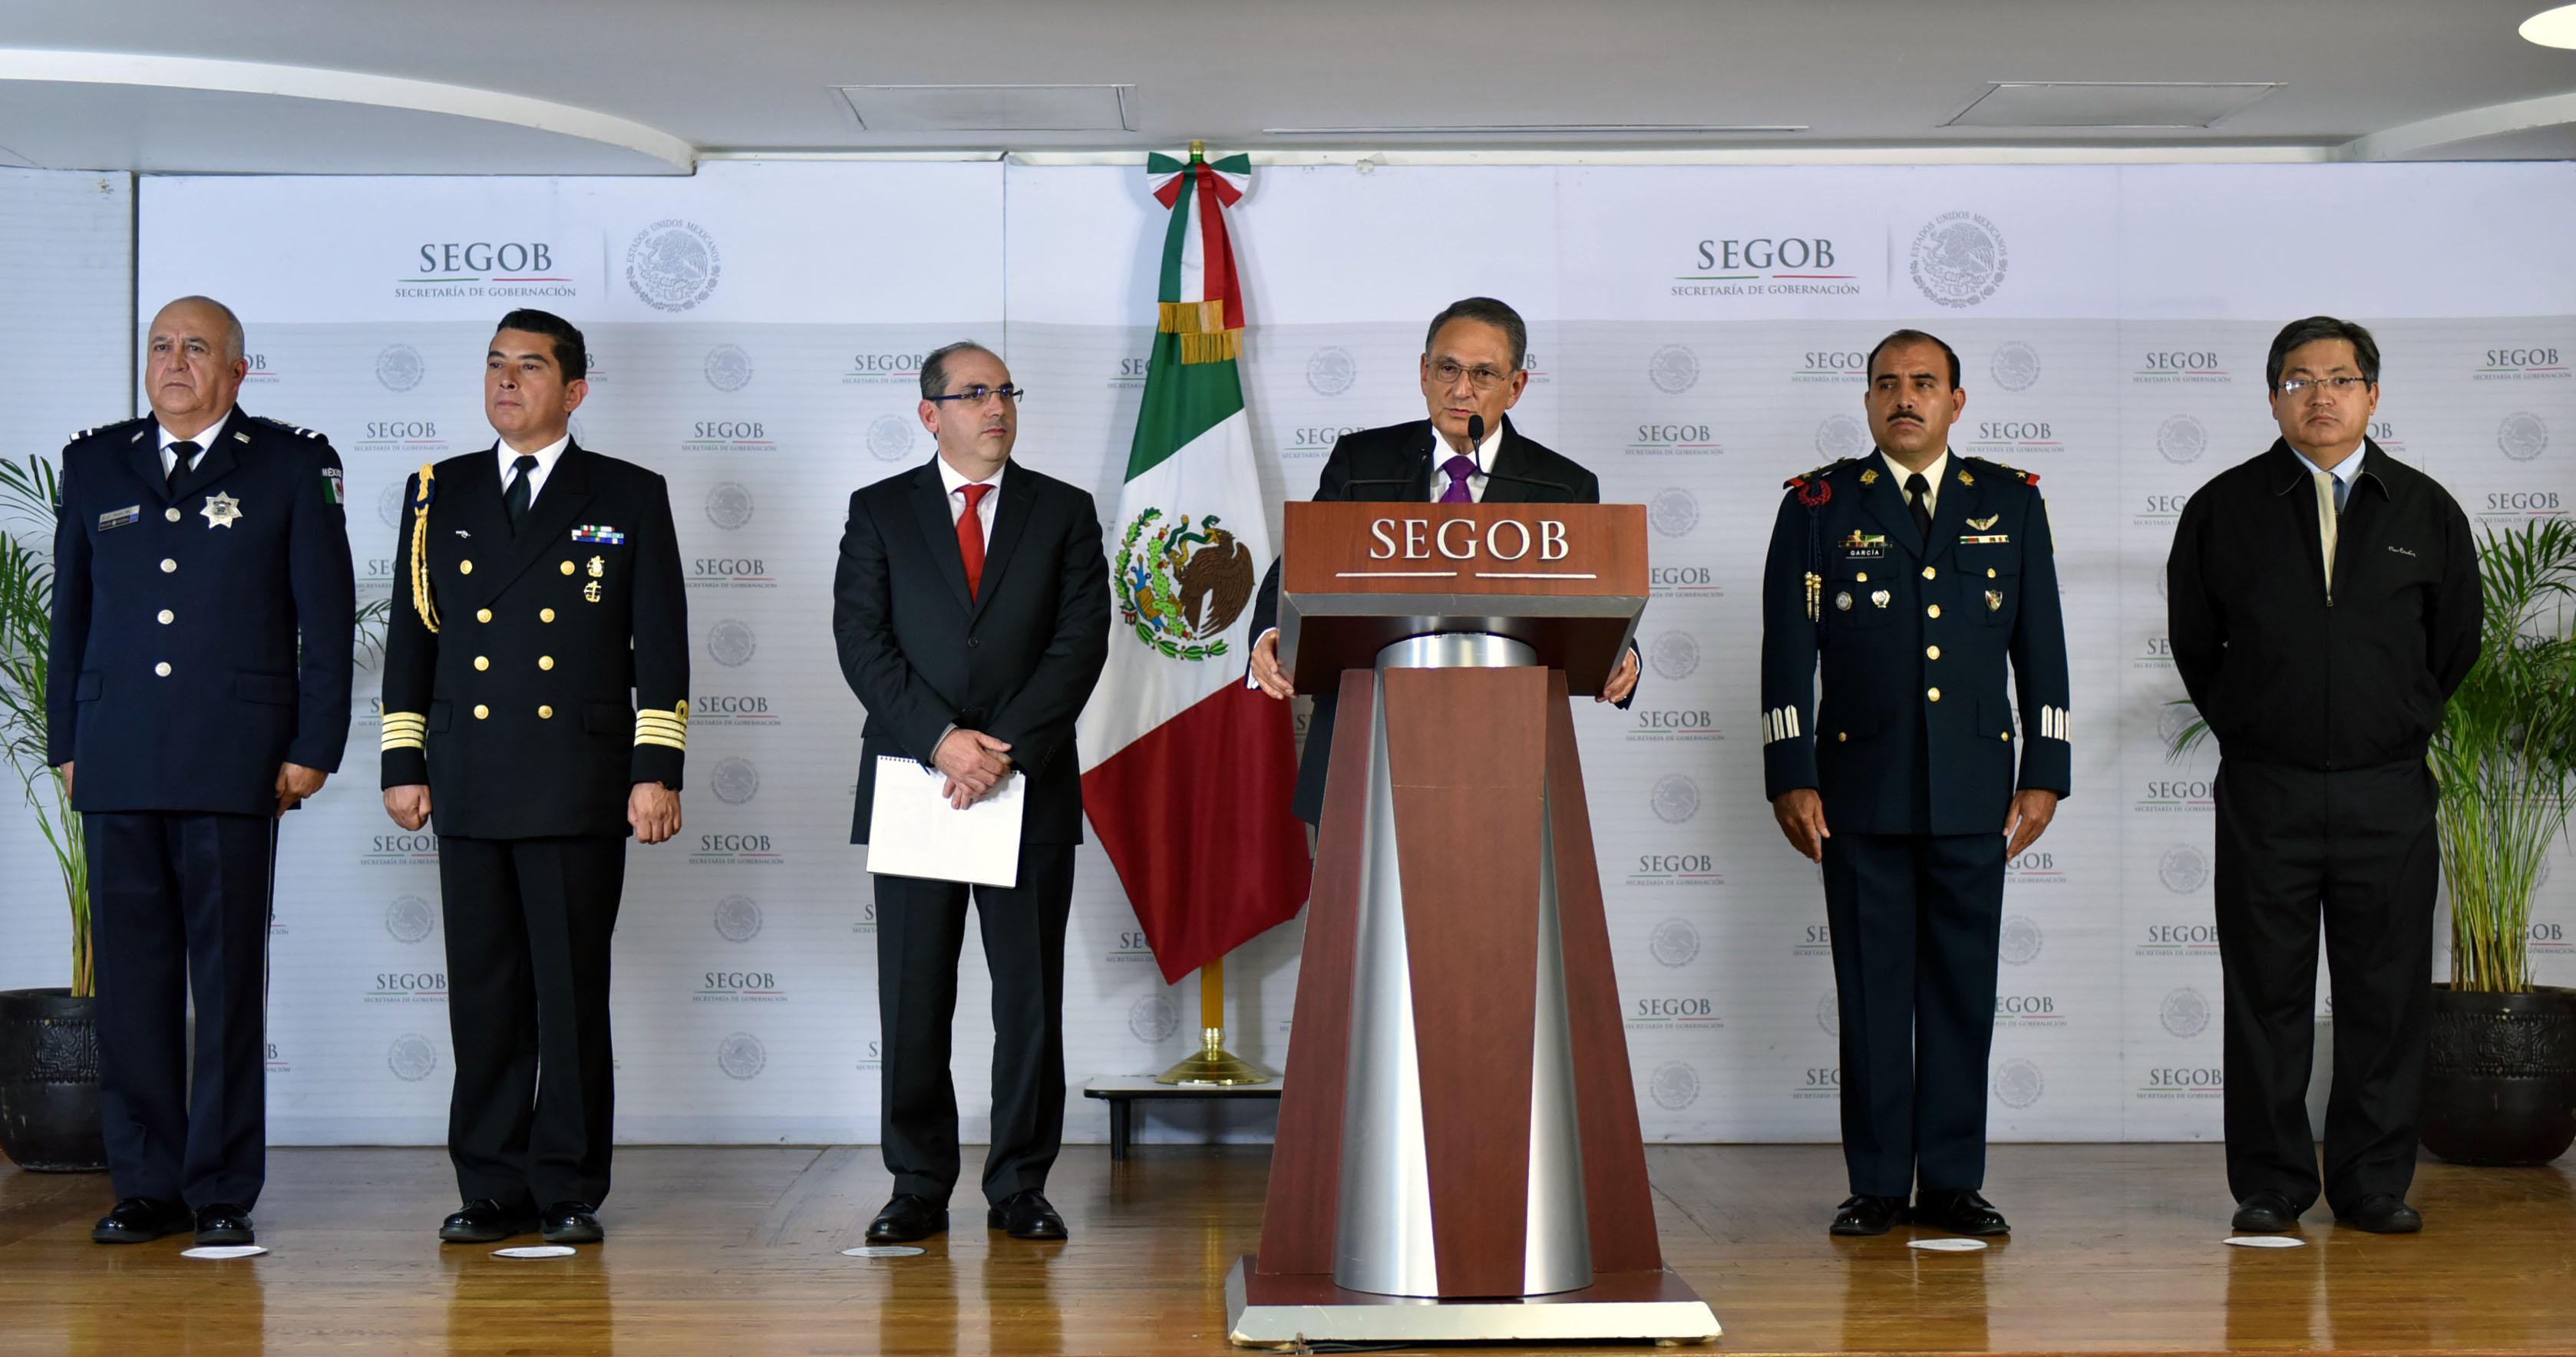 Luis Felipe Puente, Coordinador Nacional de Protección Civil, y  Roberto Ramírez, Director General de la Comisión Nacional del Agua en conferencia de prensa sobre el Huracán Blanca